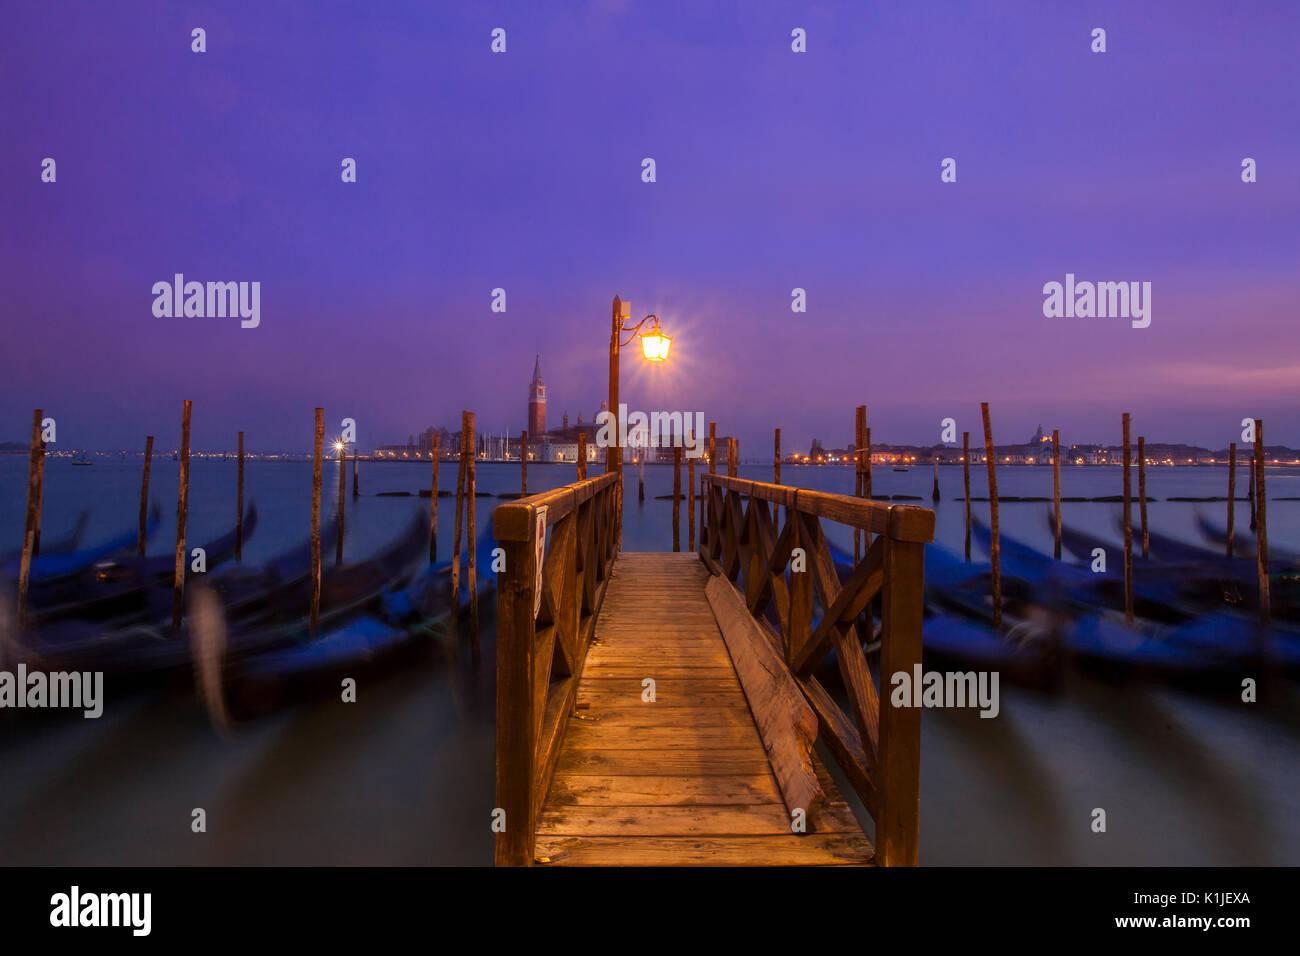 Gondeln in der Dämmerung mit der Insel San Giorgio Maggiore im Hintergrund. Stockbild